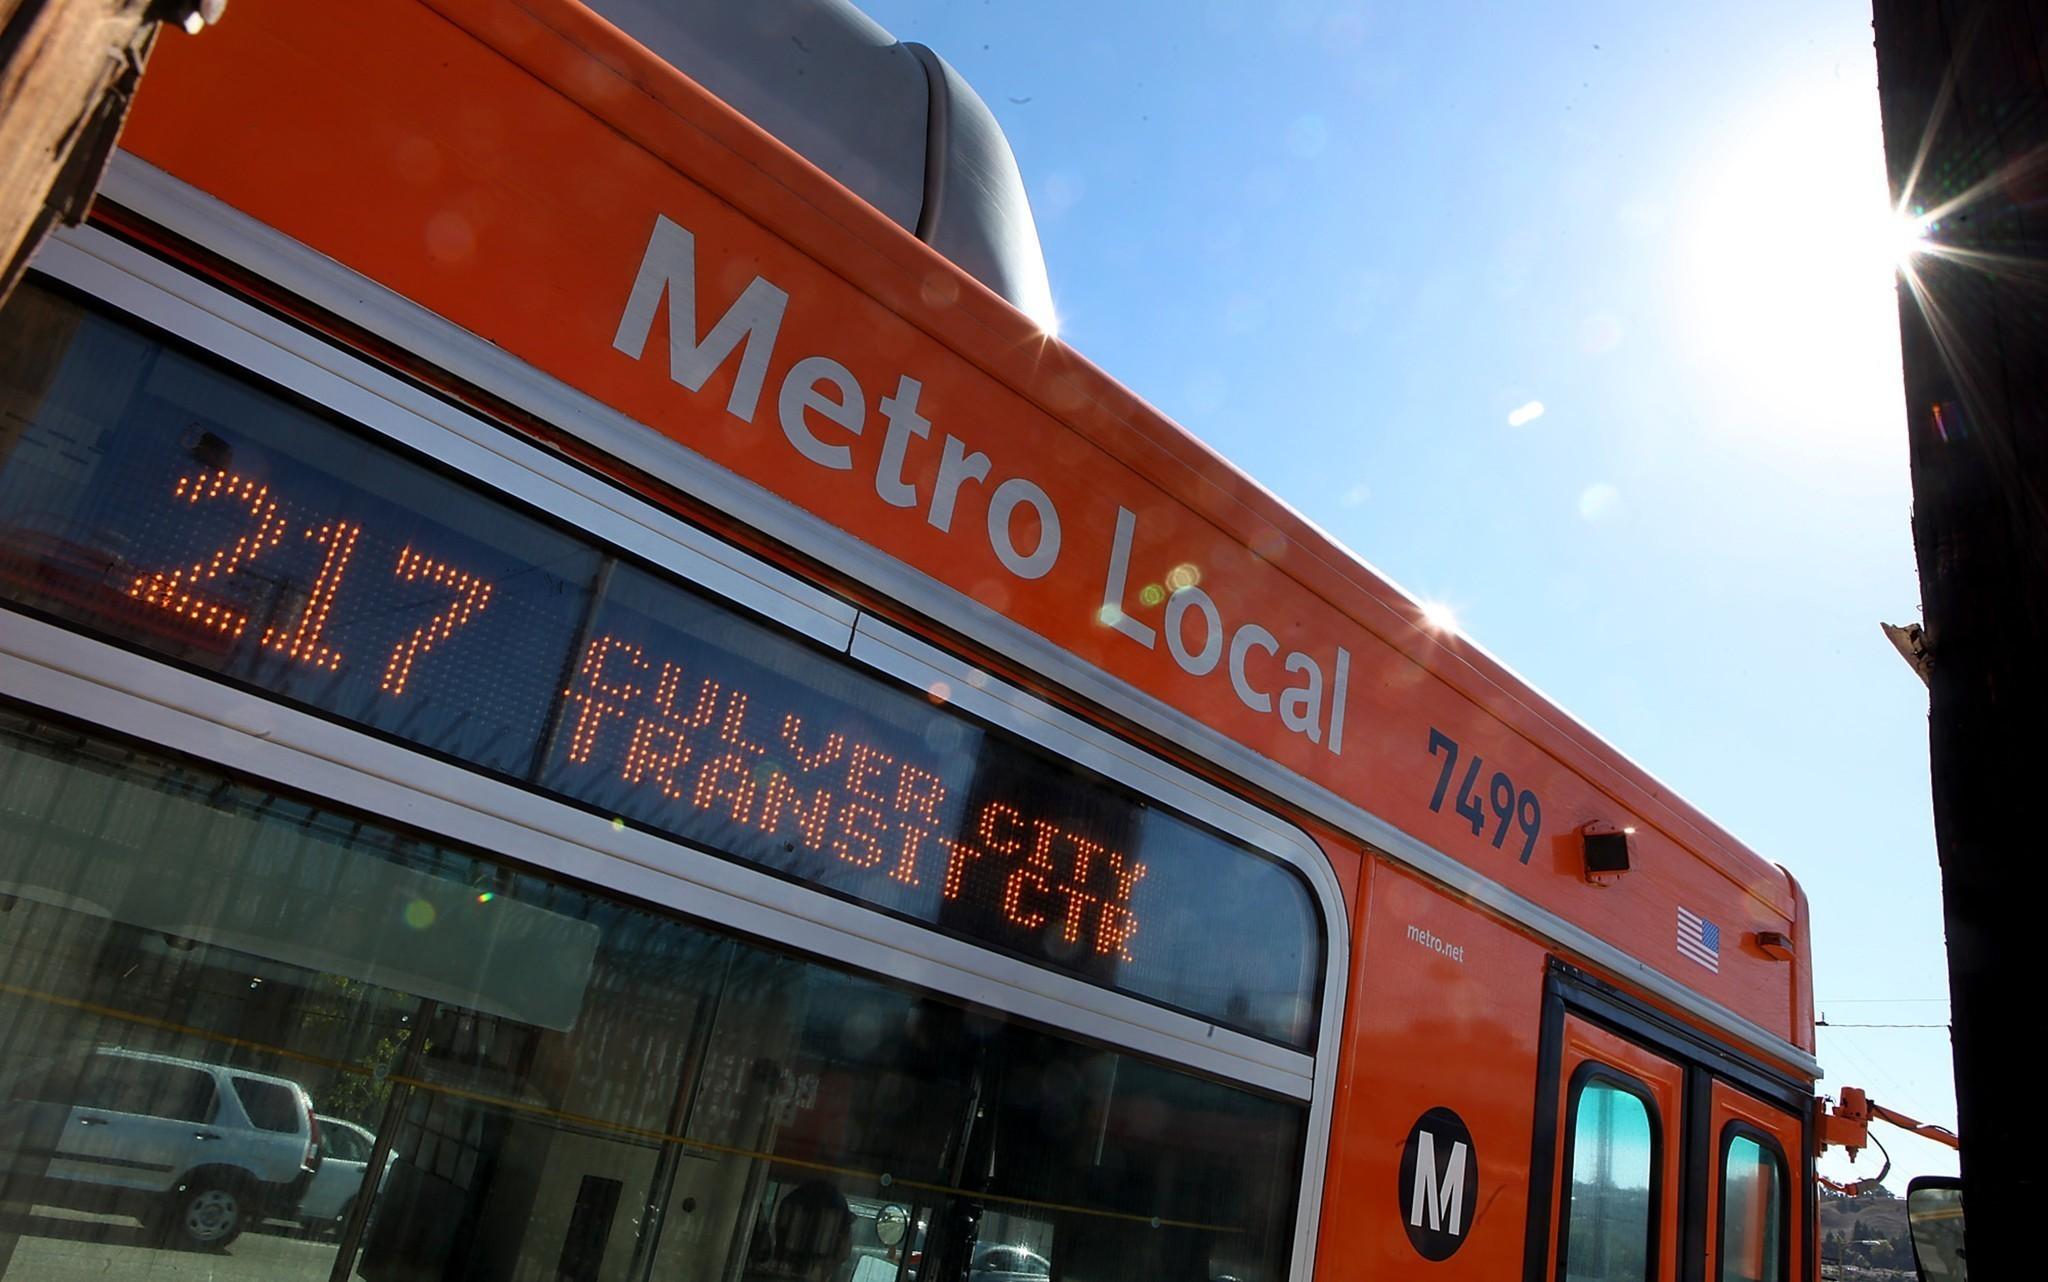 LA Metro